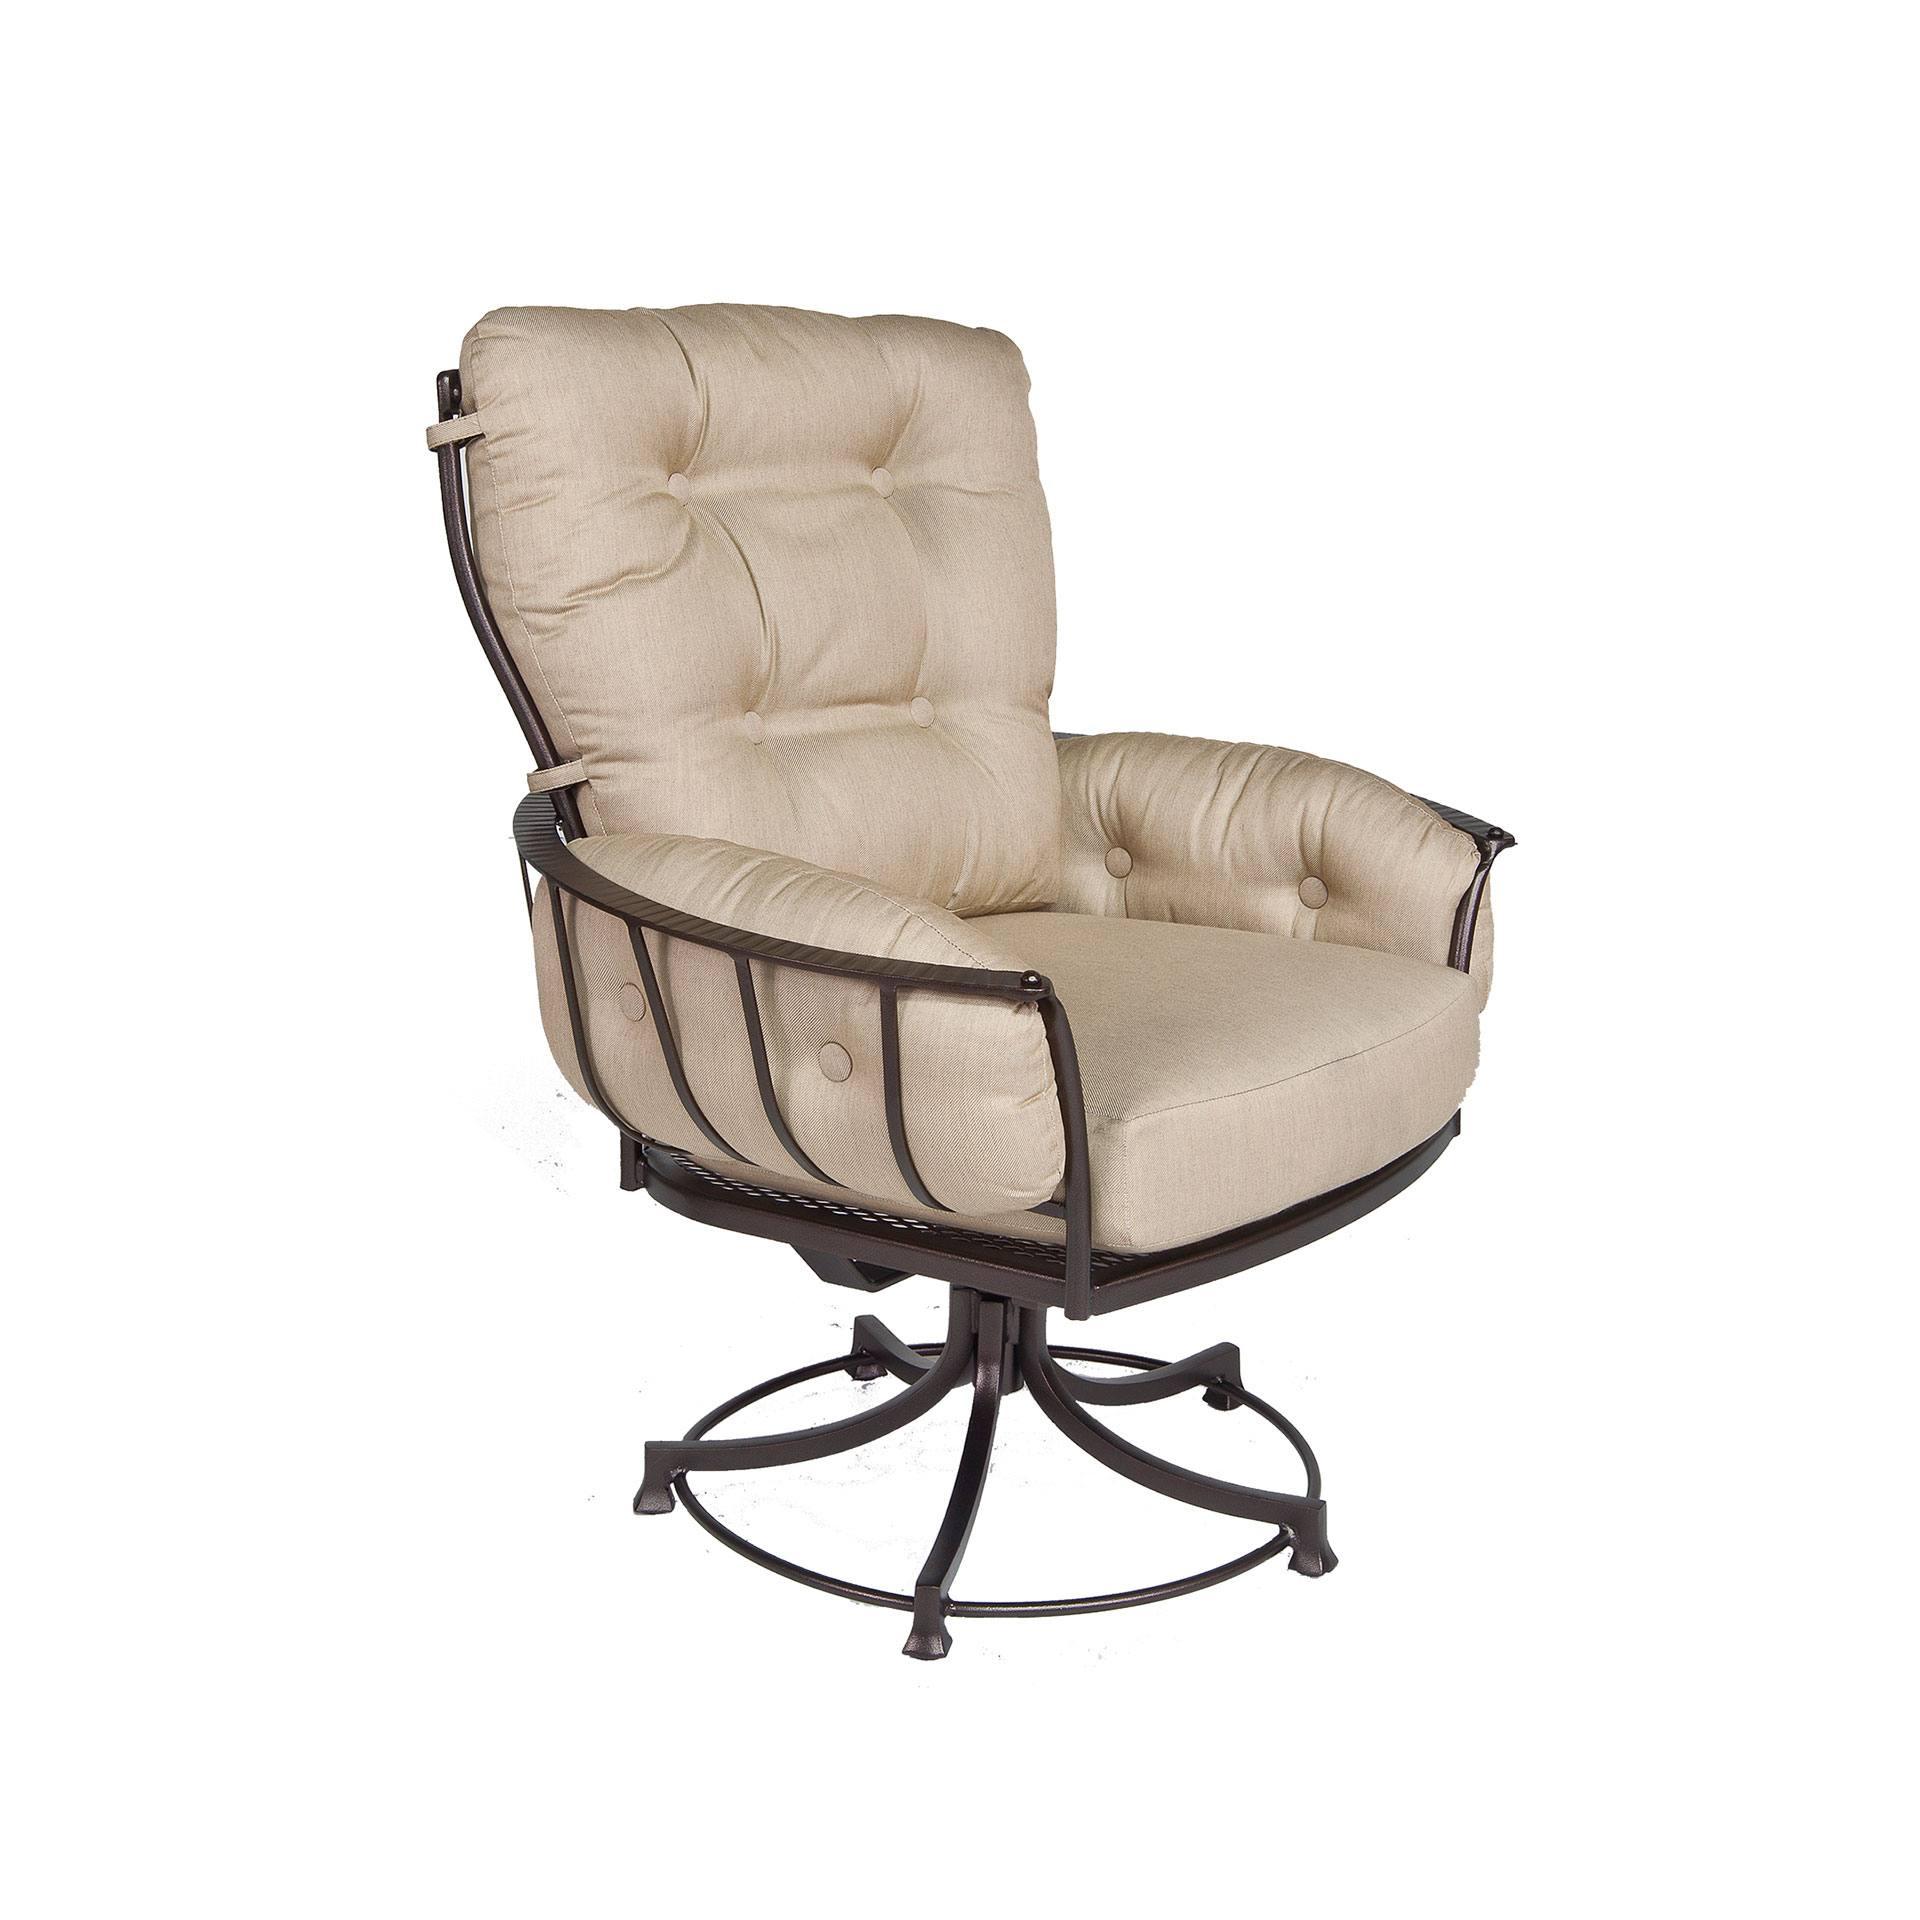 Ow Lee Monterra Mini Swivel Rocker Lounge Chair Leisure